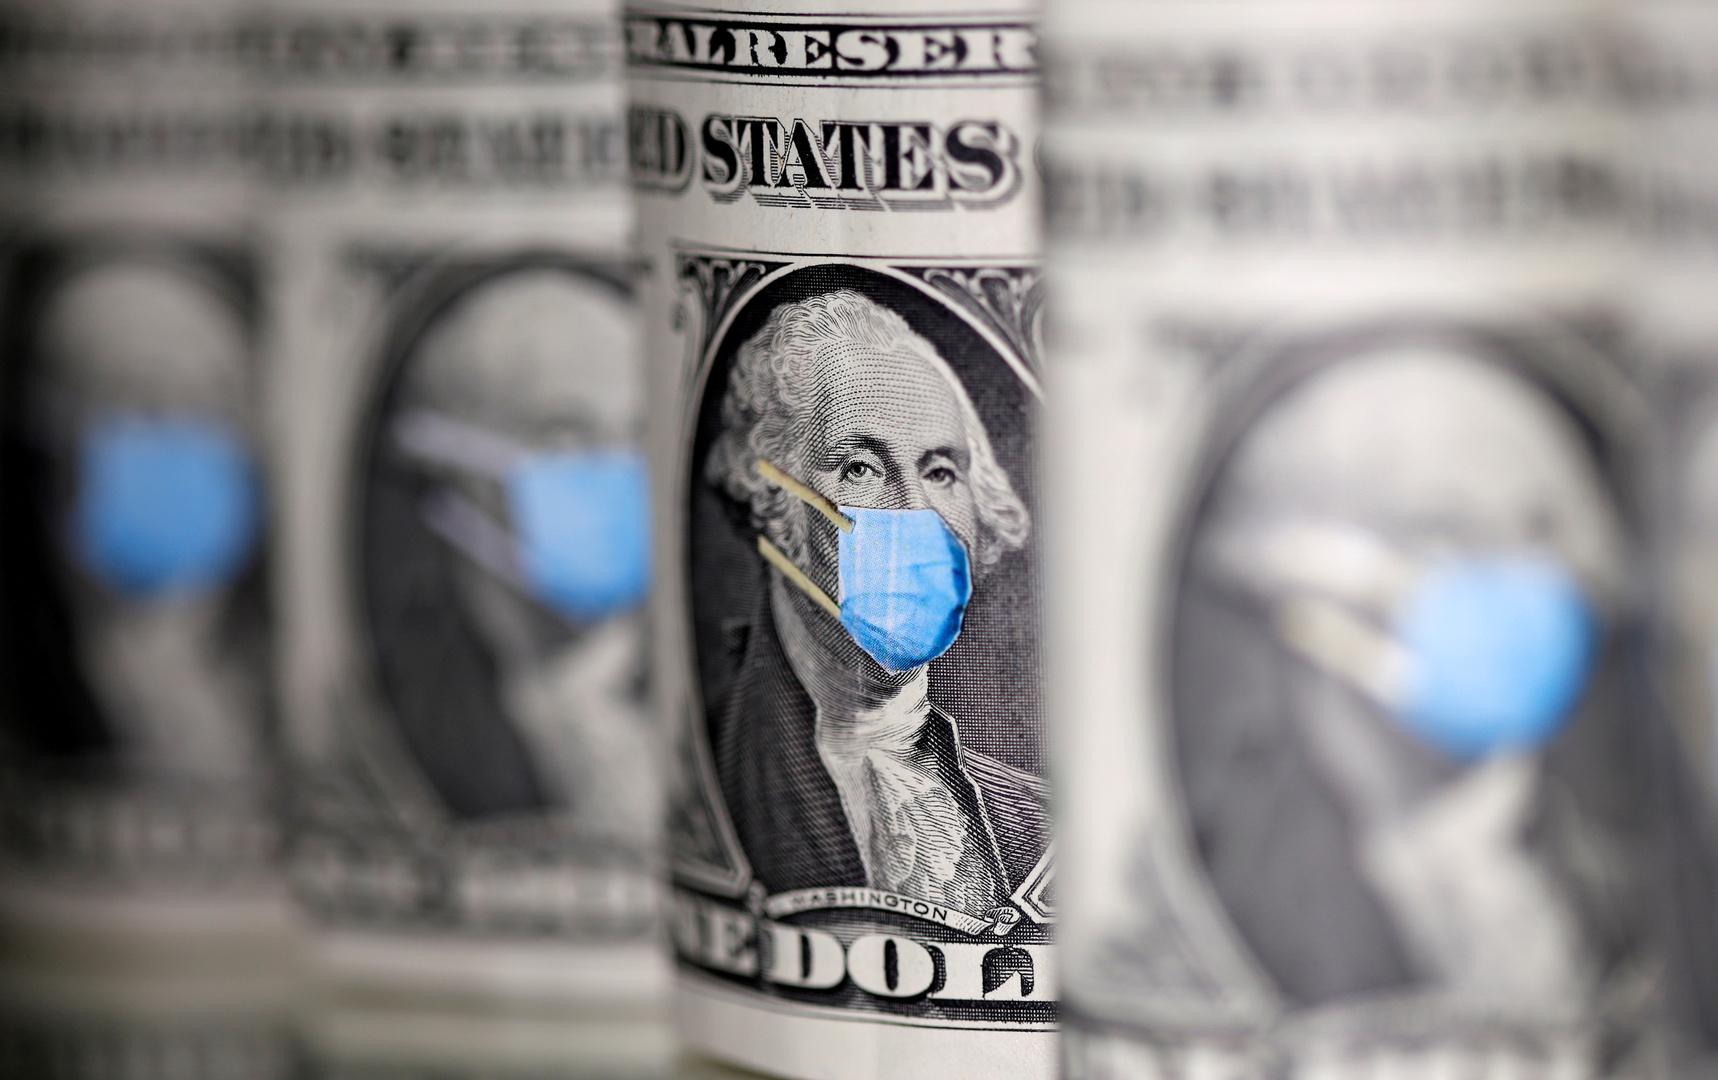 الدولار يتراجع في ظل التوتر بين أمريكا والصين